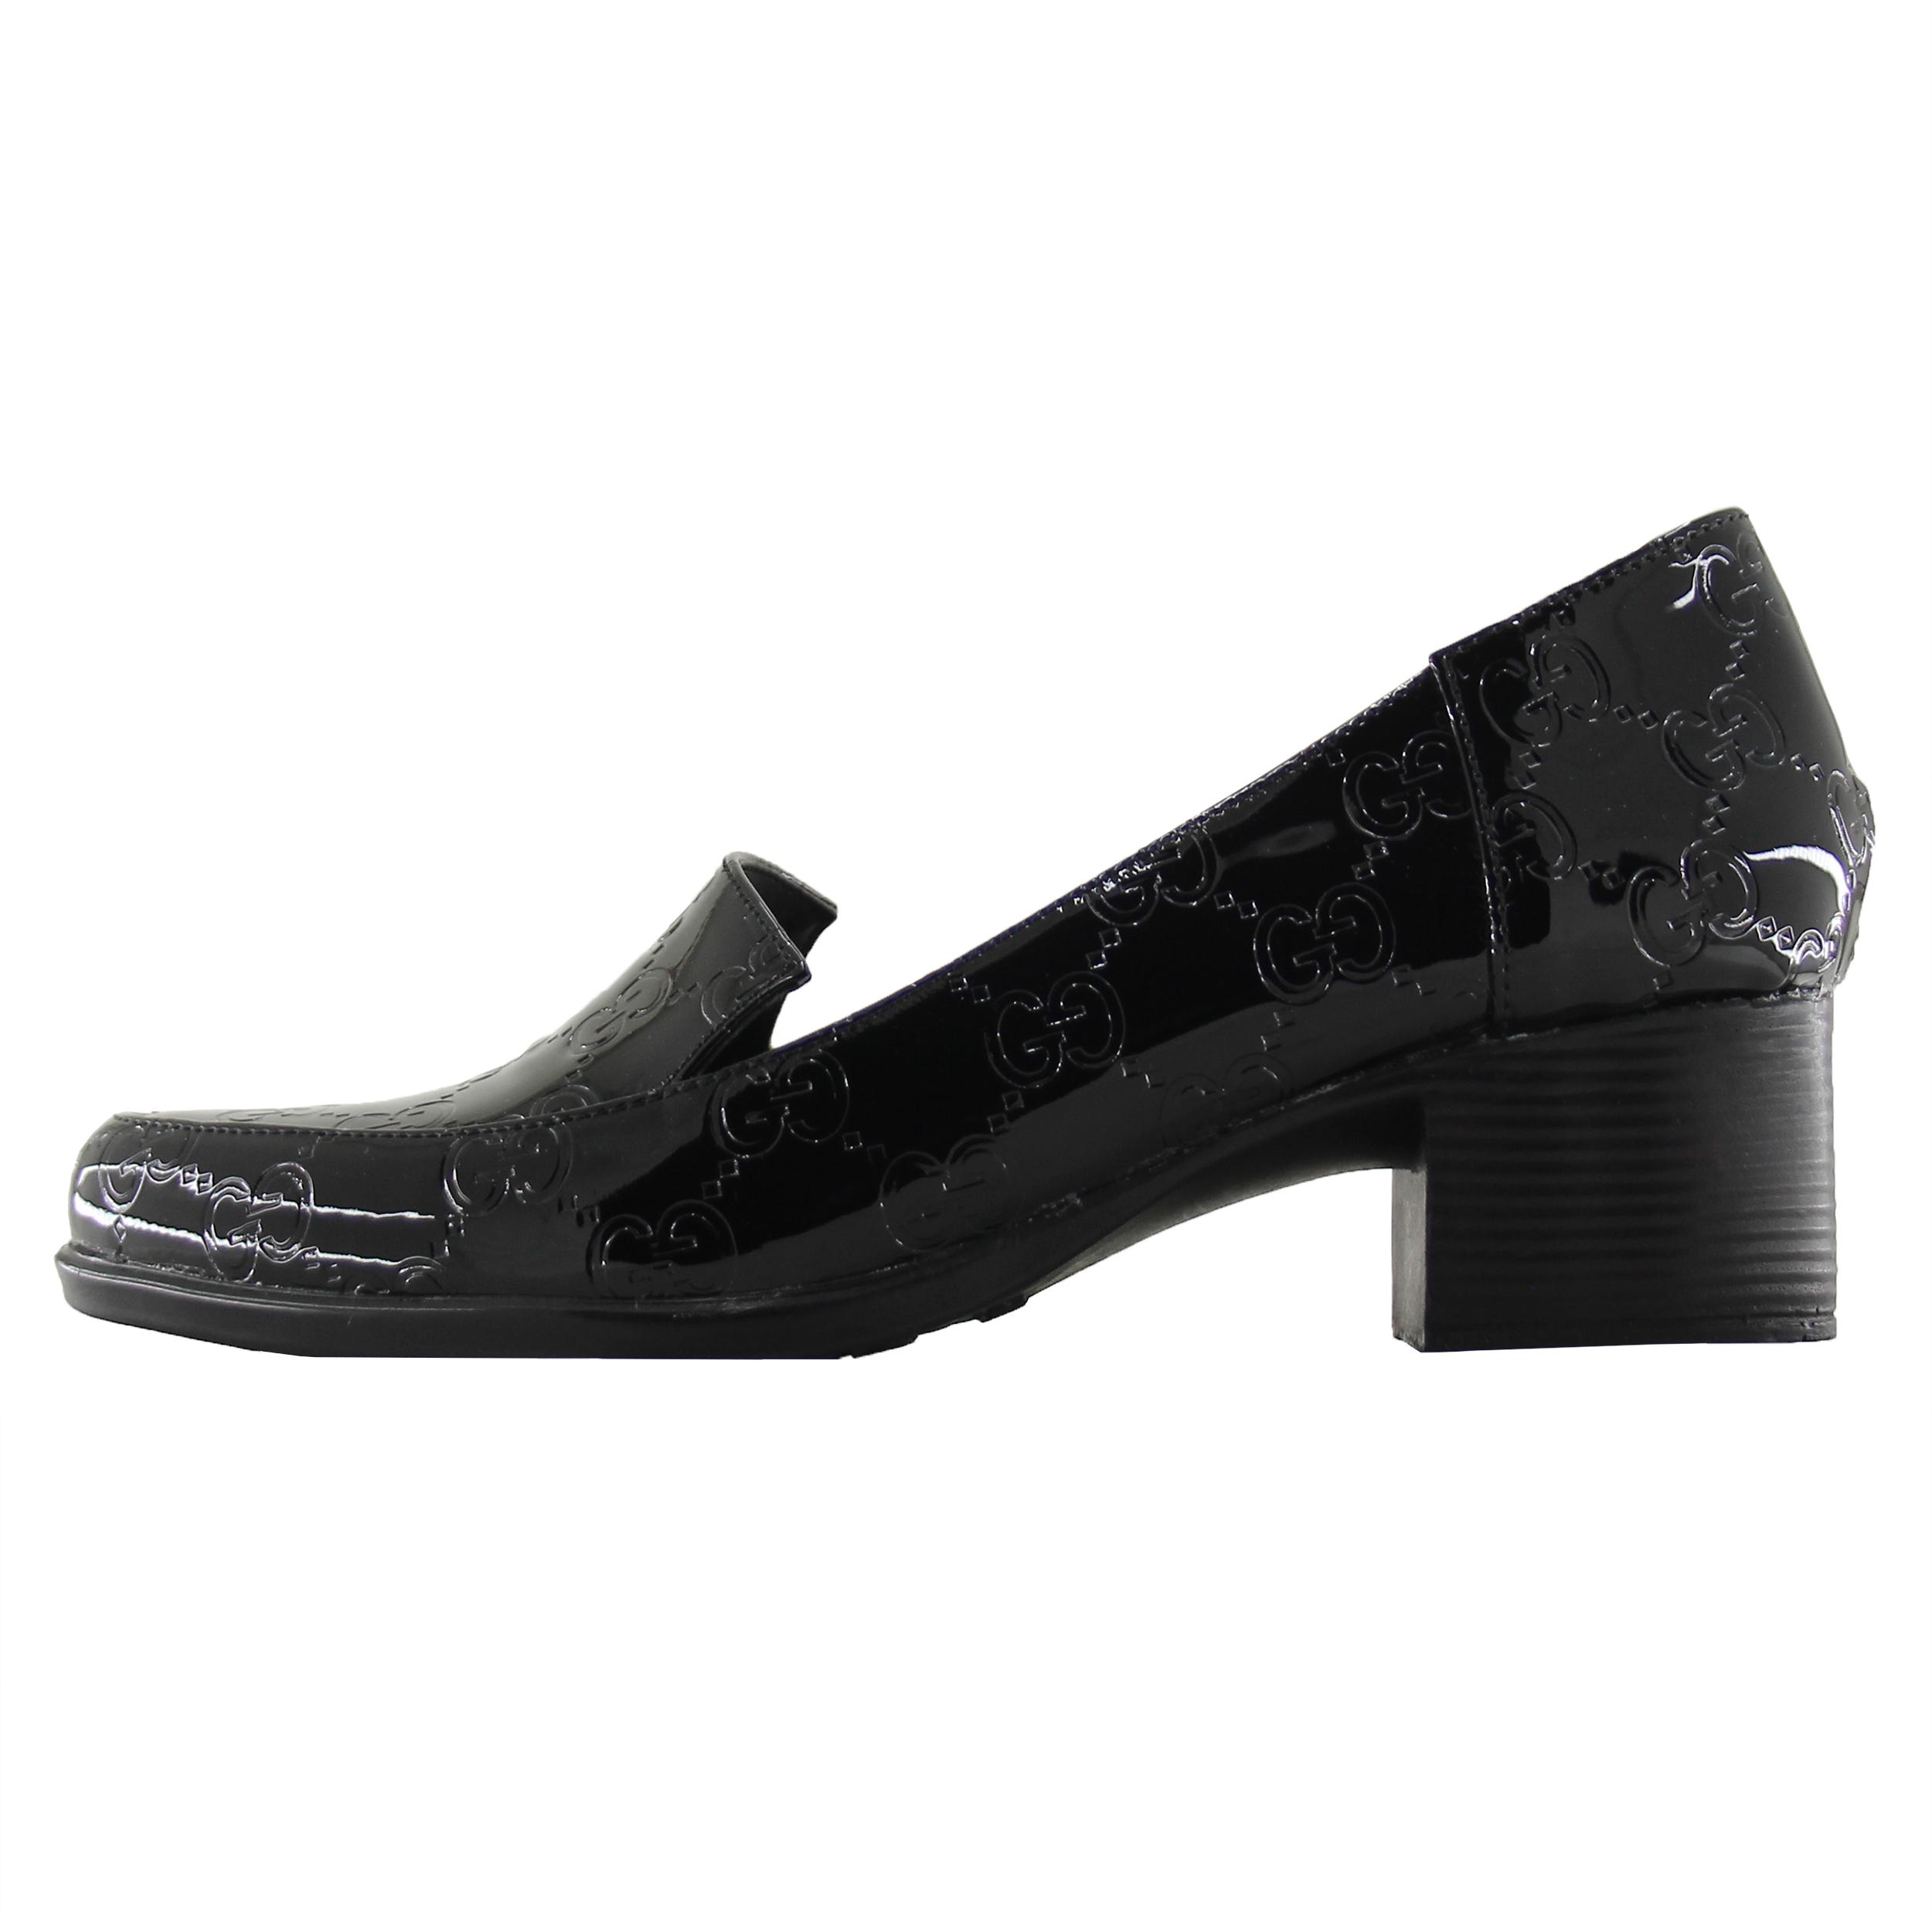 ست کیف و کفش زنانه مدل 7050 ME